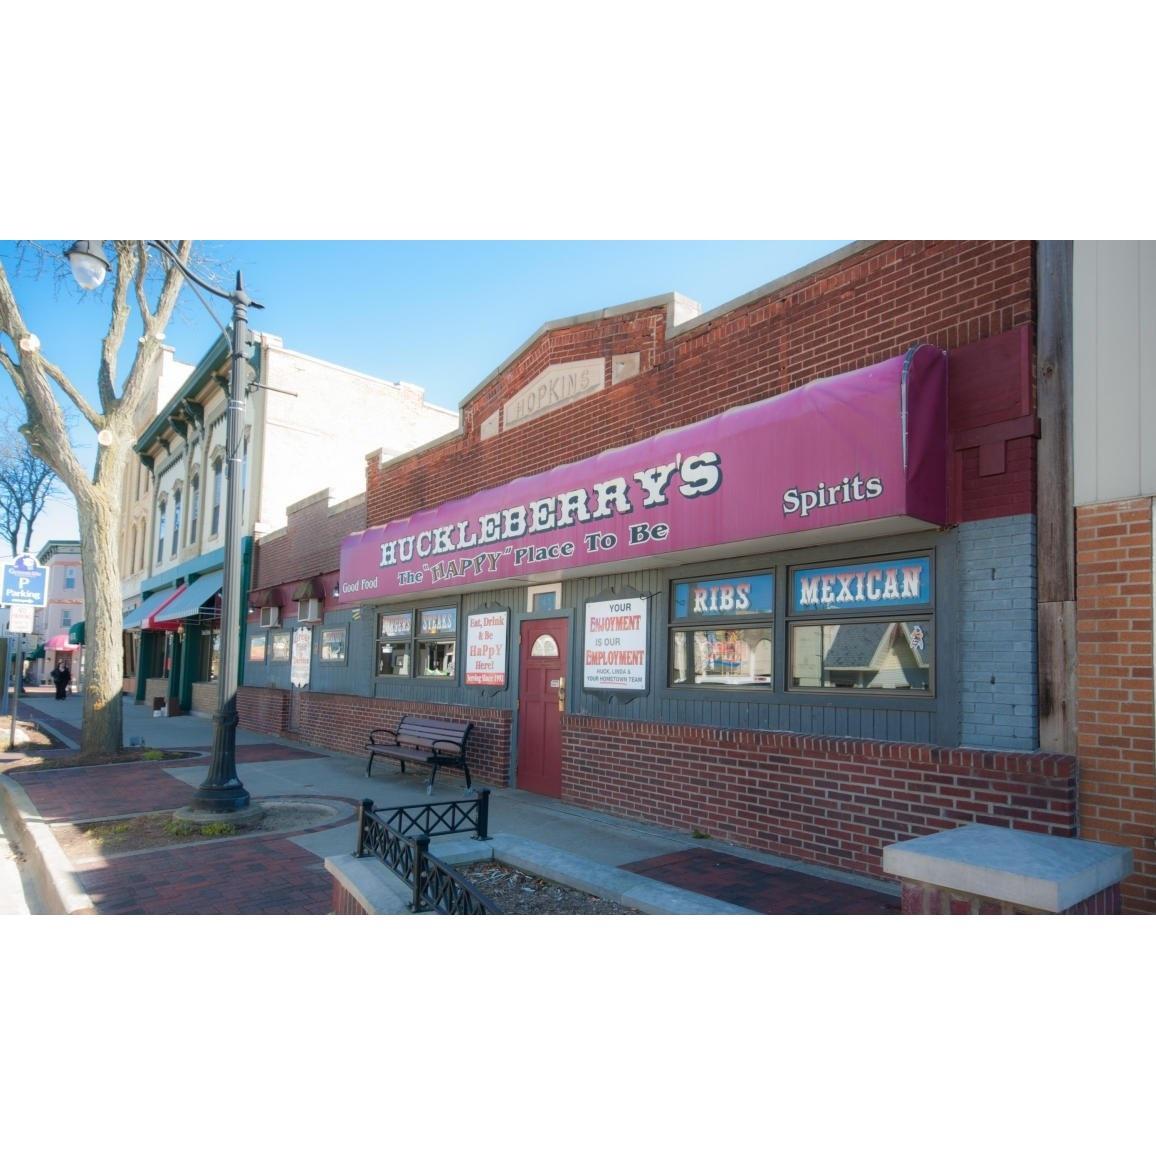 Huckleberry's Restaurant and Bar